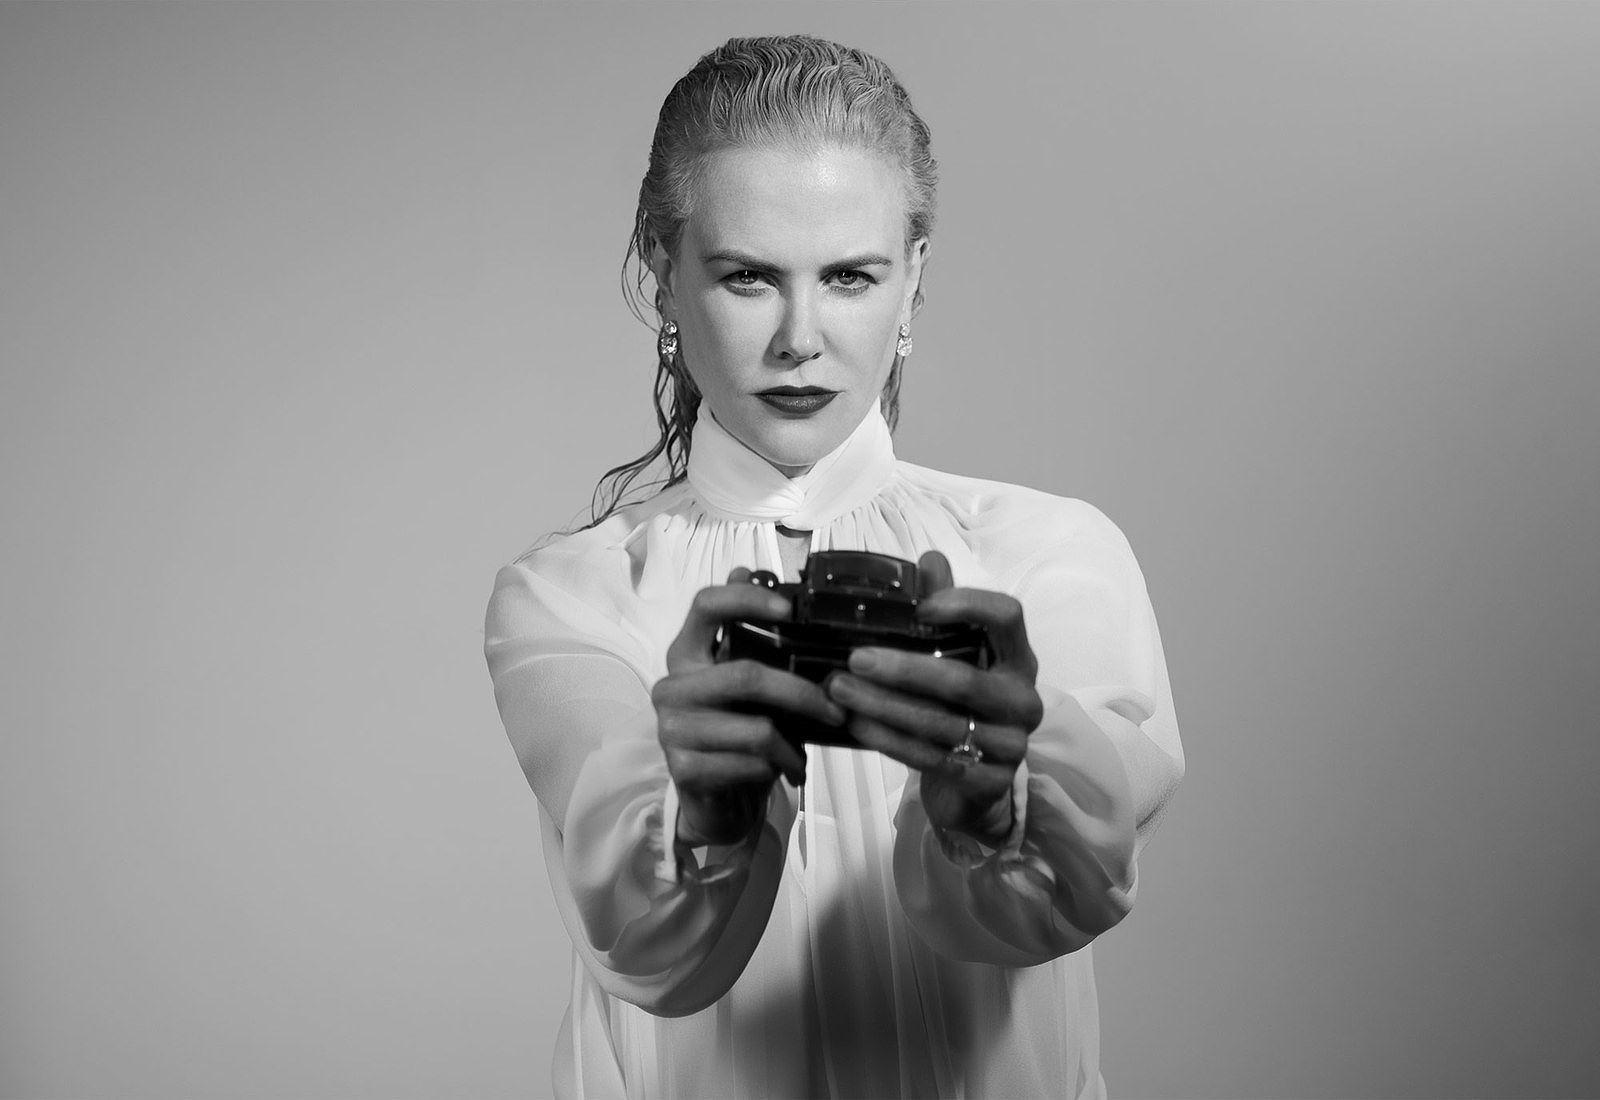 Ngỡ ngàng ngắm Nicole Kidman tóc tém, không nội y quá nóng bỏng Ảnh 11